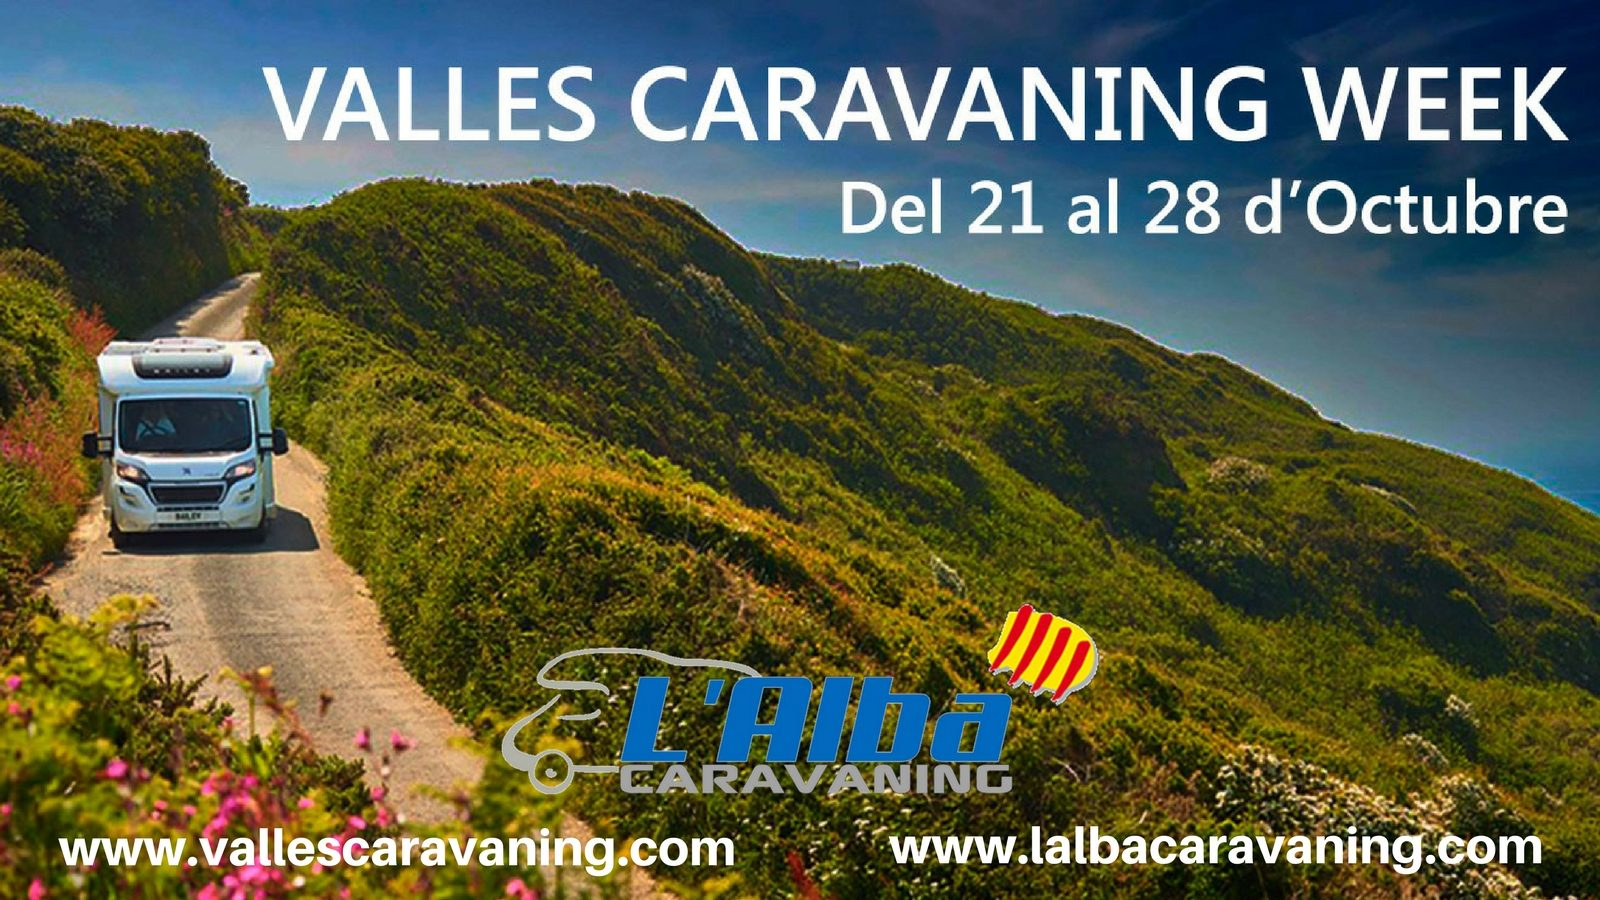 Vallès Caravaning Week